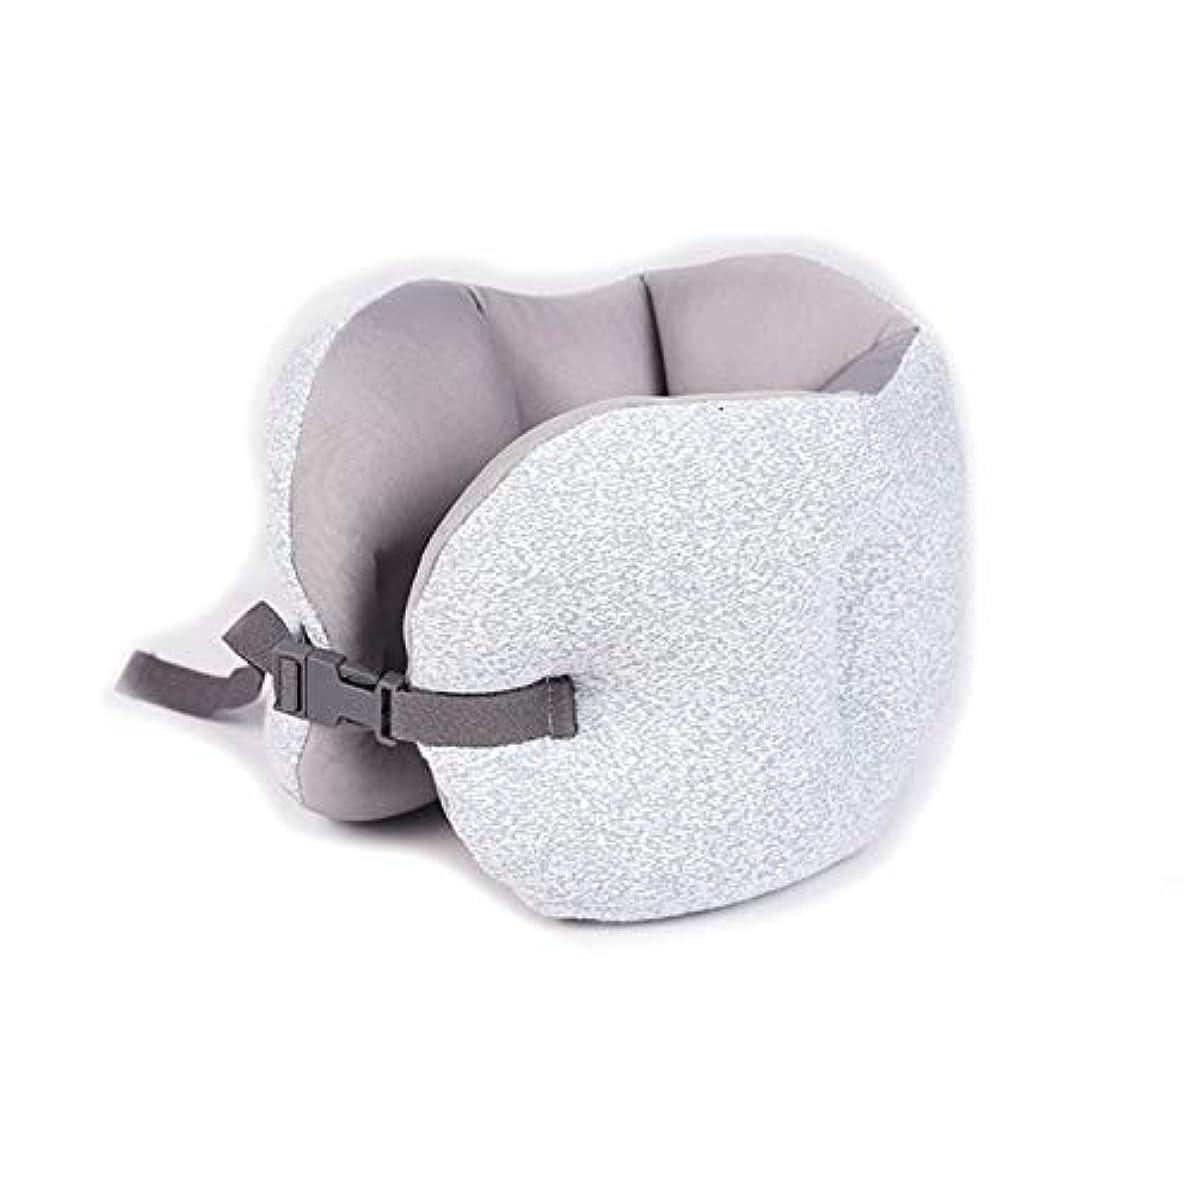 リア王鑑定一般的なSMART ホームオフィス背もたれ椅子腰椎クッションカーシートネック枕 3D 低反発サポートバックマッサージウエストレスリビング枕 クッション 椅子